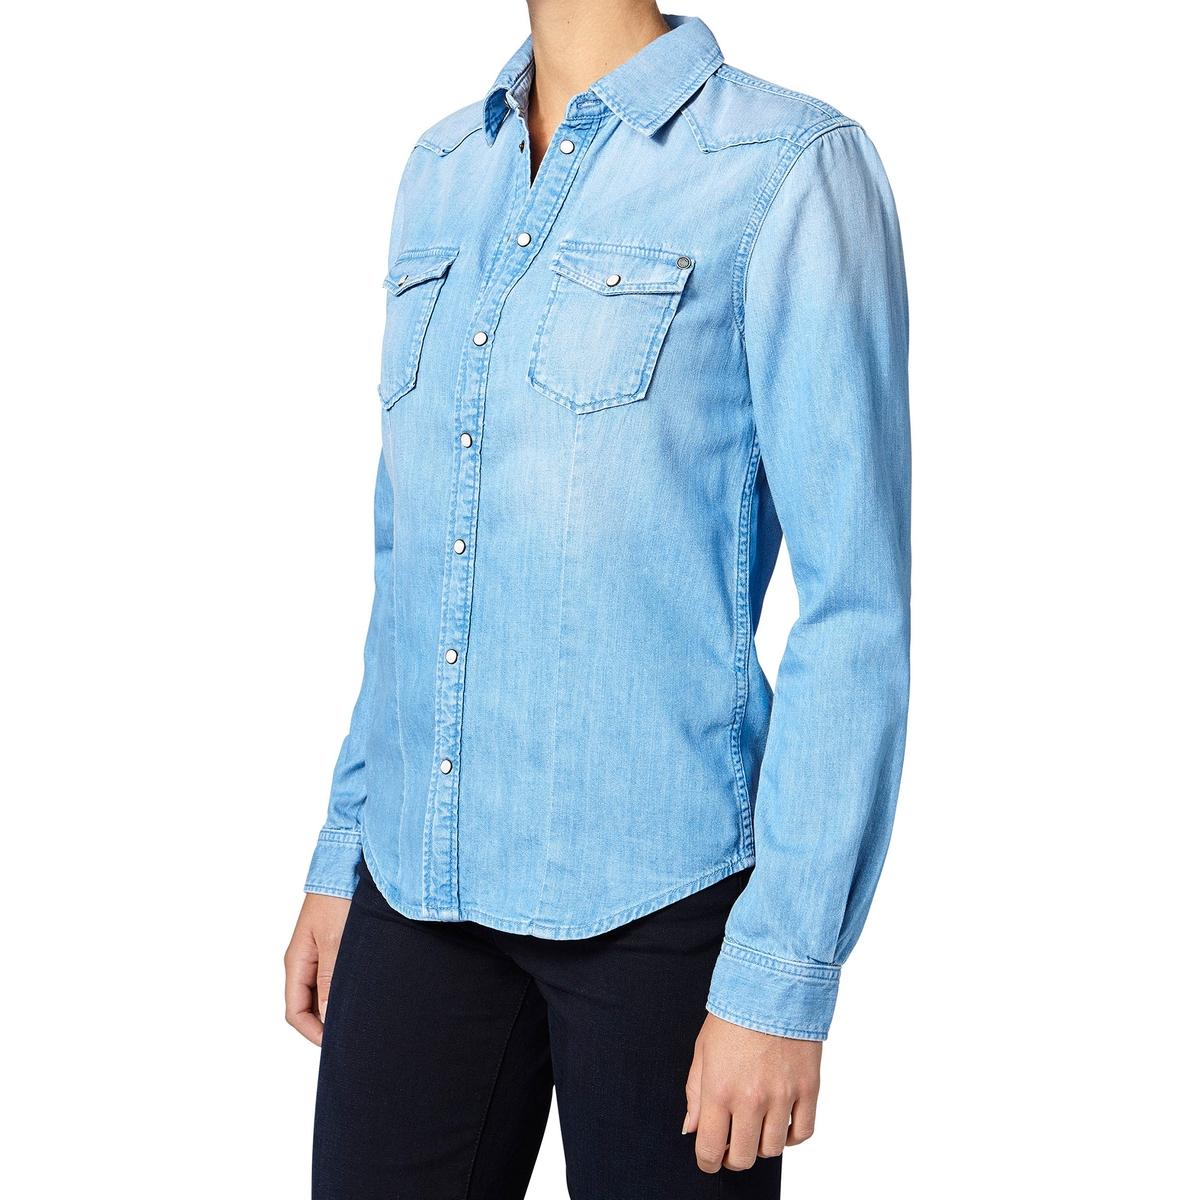 РубашкаДетали •  Длинные рукава  •  Прямой покрой  •  Воротник-поло, рубашечный Состав и уход •  69% хлопка, 31% лиоцелла •  Следуйте советам по уходу, указанным на этикетке<br><br>Цвет: голубой<br>Размер: XL